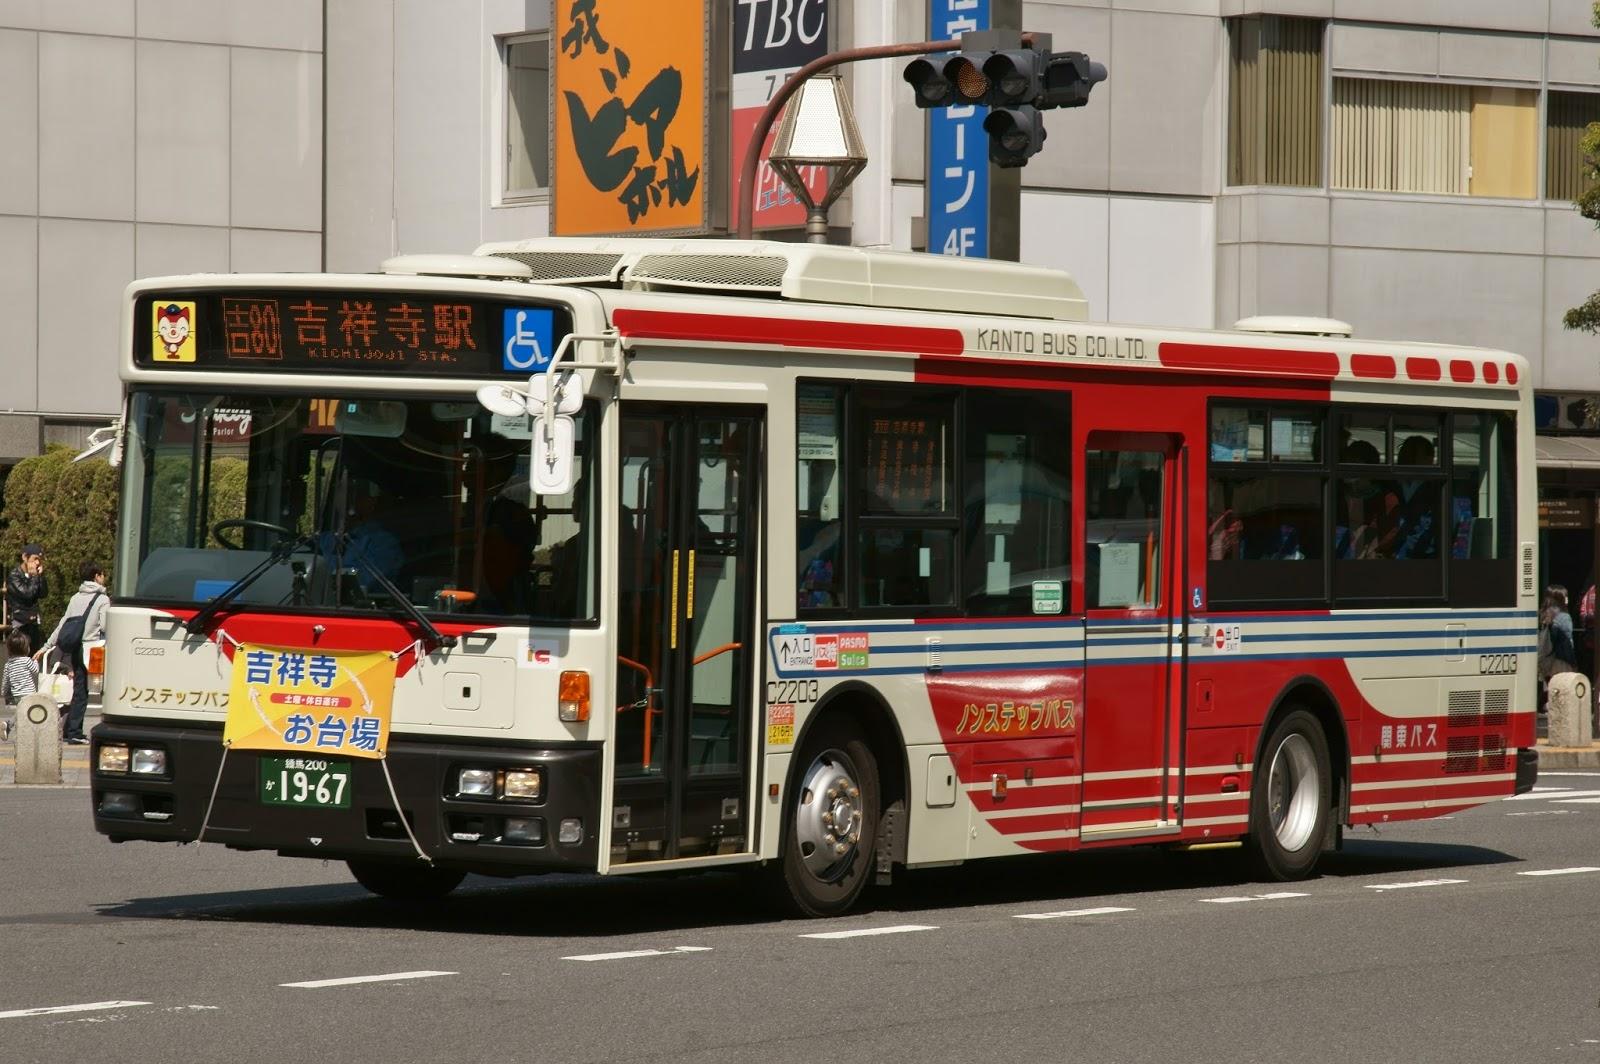 広島のバス: 関東バス 練馬200か...